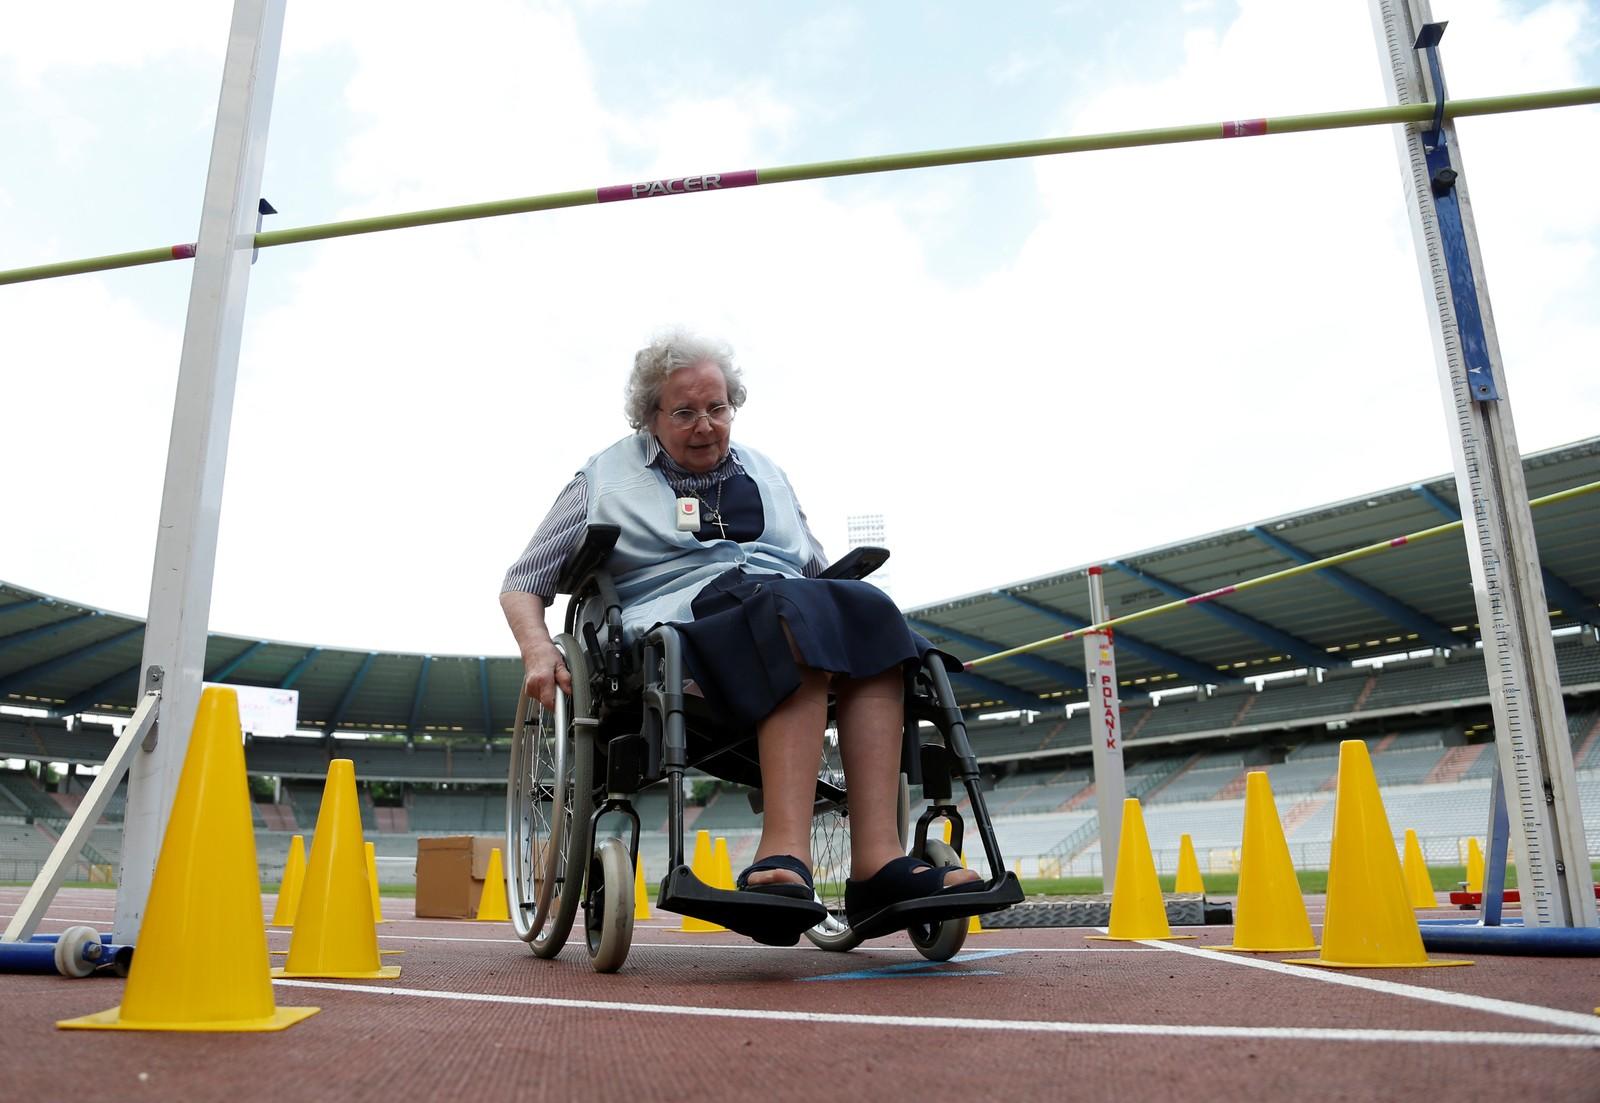 Det kan se slik ut på hinderet i forgrunnen, men vi tror ikke dette er høydehopp. OL for seniorer ble arrangert i Brüssel denne uka, og damen på bildet var en deltagerne.